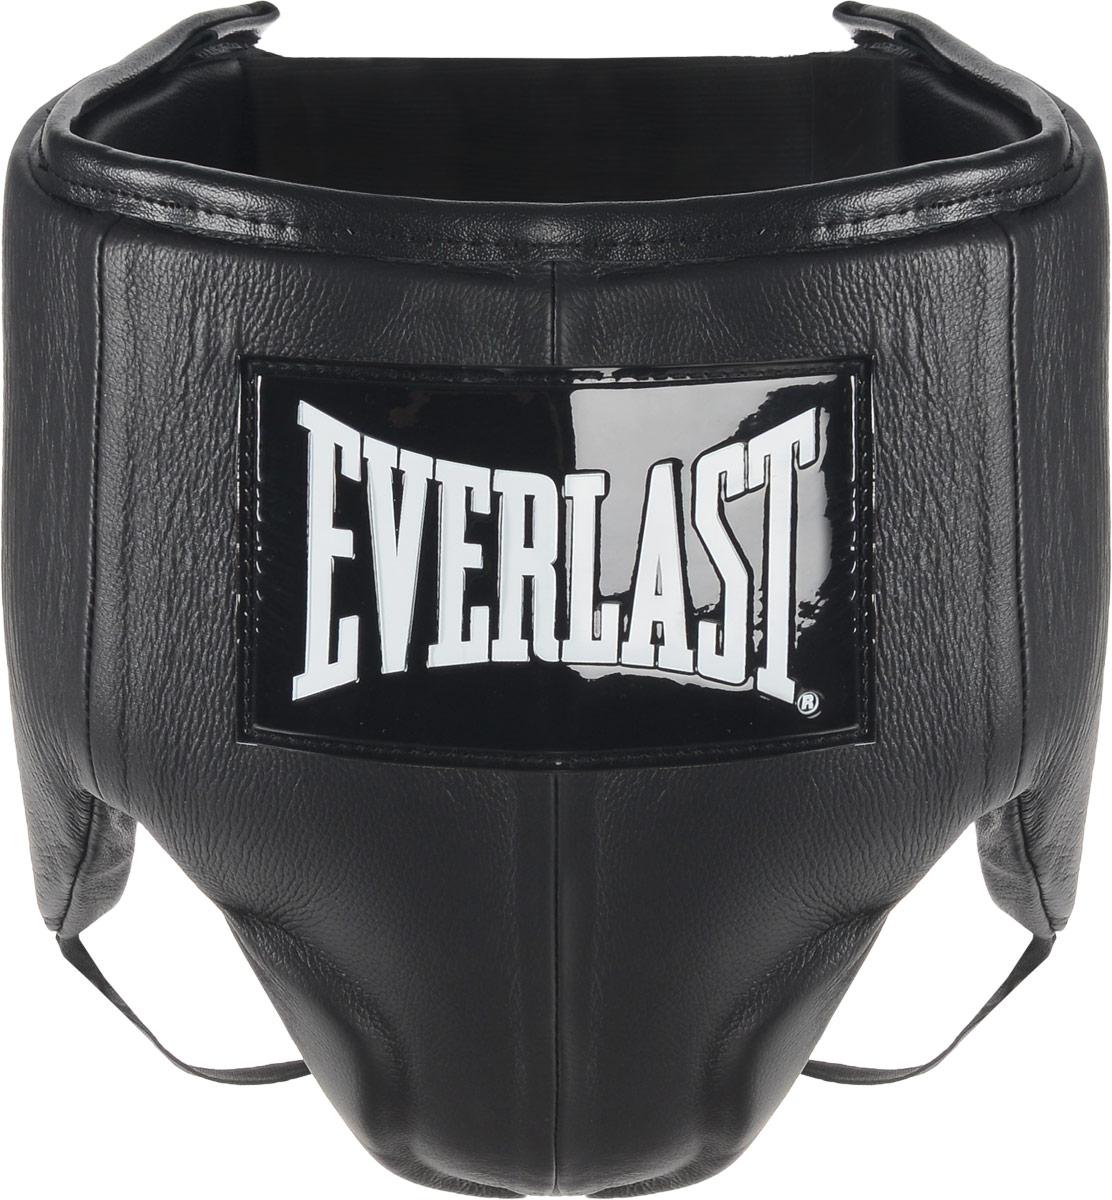 Защита паха мужская Everlast Velcro Top Pro, цвет: черный, белый. Размер L440401UEverlast Velcro Top Pro это удобный обтягивающий бандаж, идеально подходящий как для тренировочных спаррингов, так и для боя на ринге. Бандаж изготовлен из высококачественной натуральной кожи, а подкладка набита пенным наполнителем высокой плотности, благодаря чему достигается превосходная амортизация ударов. Усовершенствованный облегченный дизайн обеспечивает максимальную подвижность и комфорт, в то же время гарантируя безопасность и полную защиту паха и тазовой области. Удобные застежки на липучке позволят подогнать защиту под ваш размер и плотно зафиксировать ее на теле. Максимальный обхват: 105 см. Минимальный обхват: 94 см.